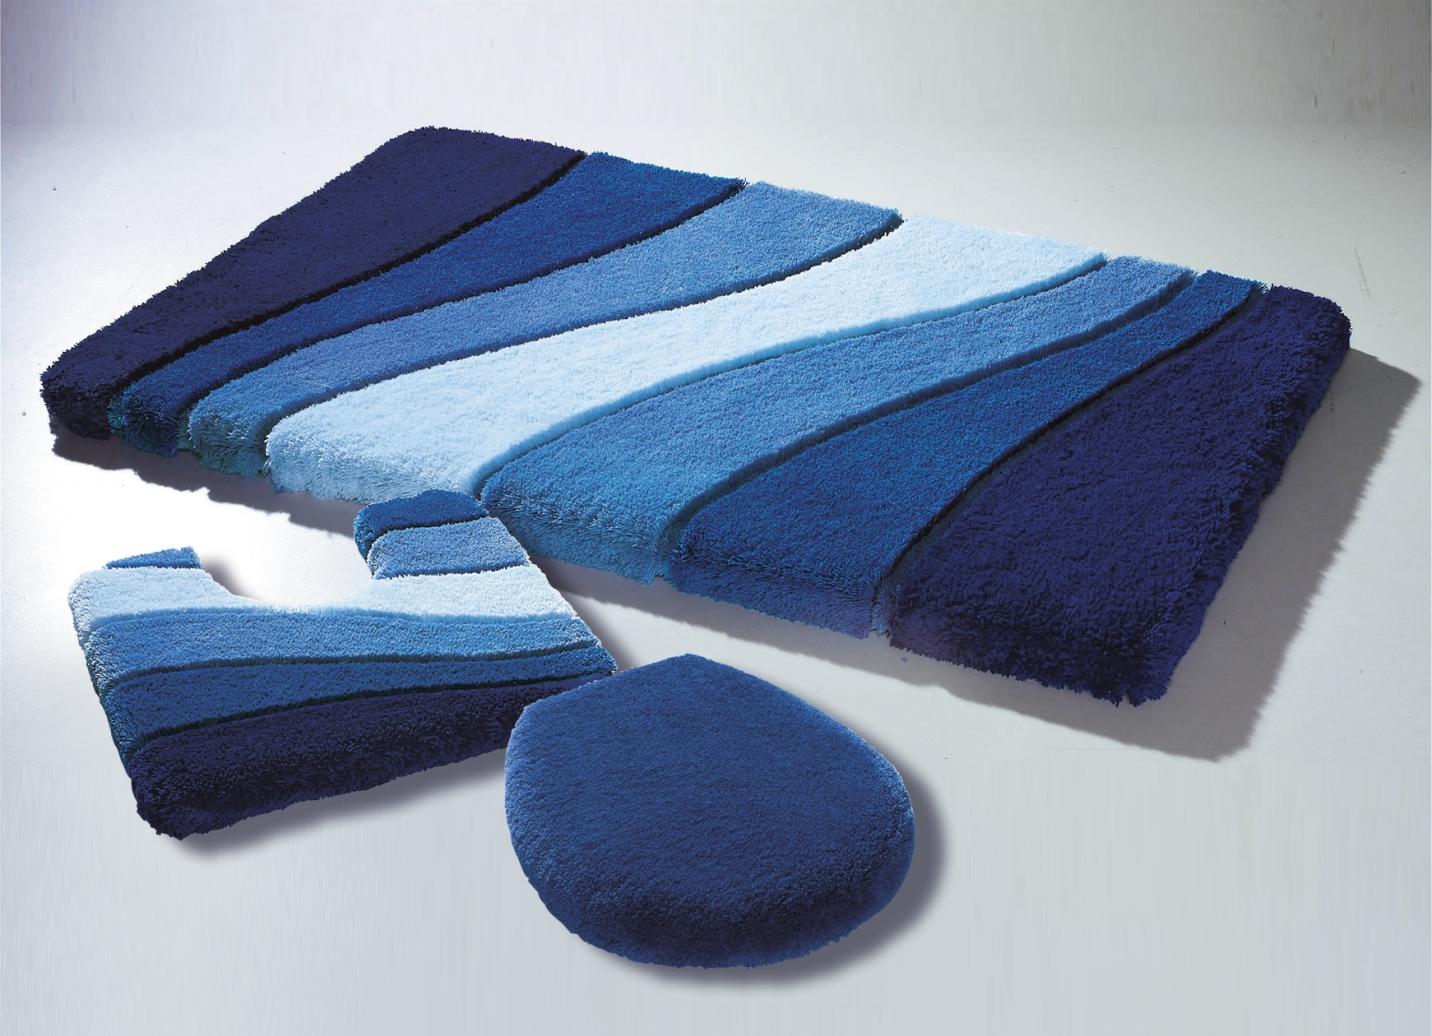 meusch badgarnitur in verschiedenen farben badmatten. Black Bedroom Furniture Sets. Home Design Ideas